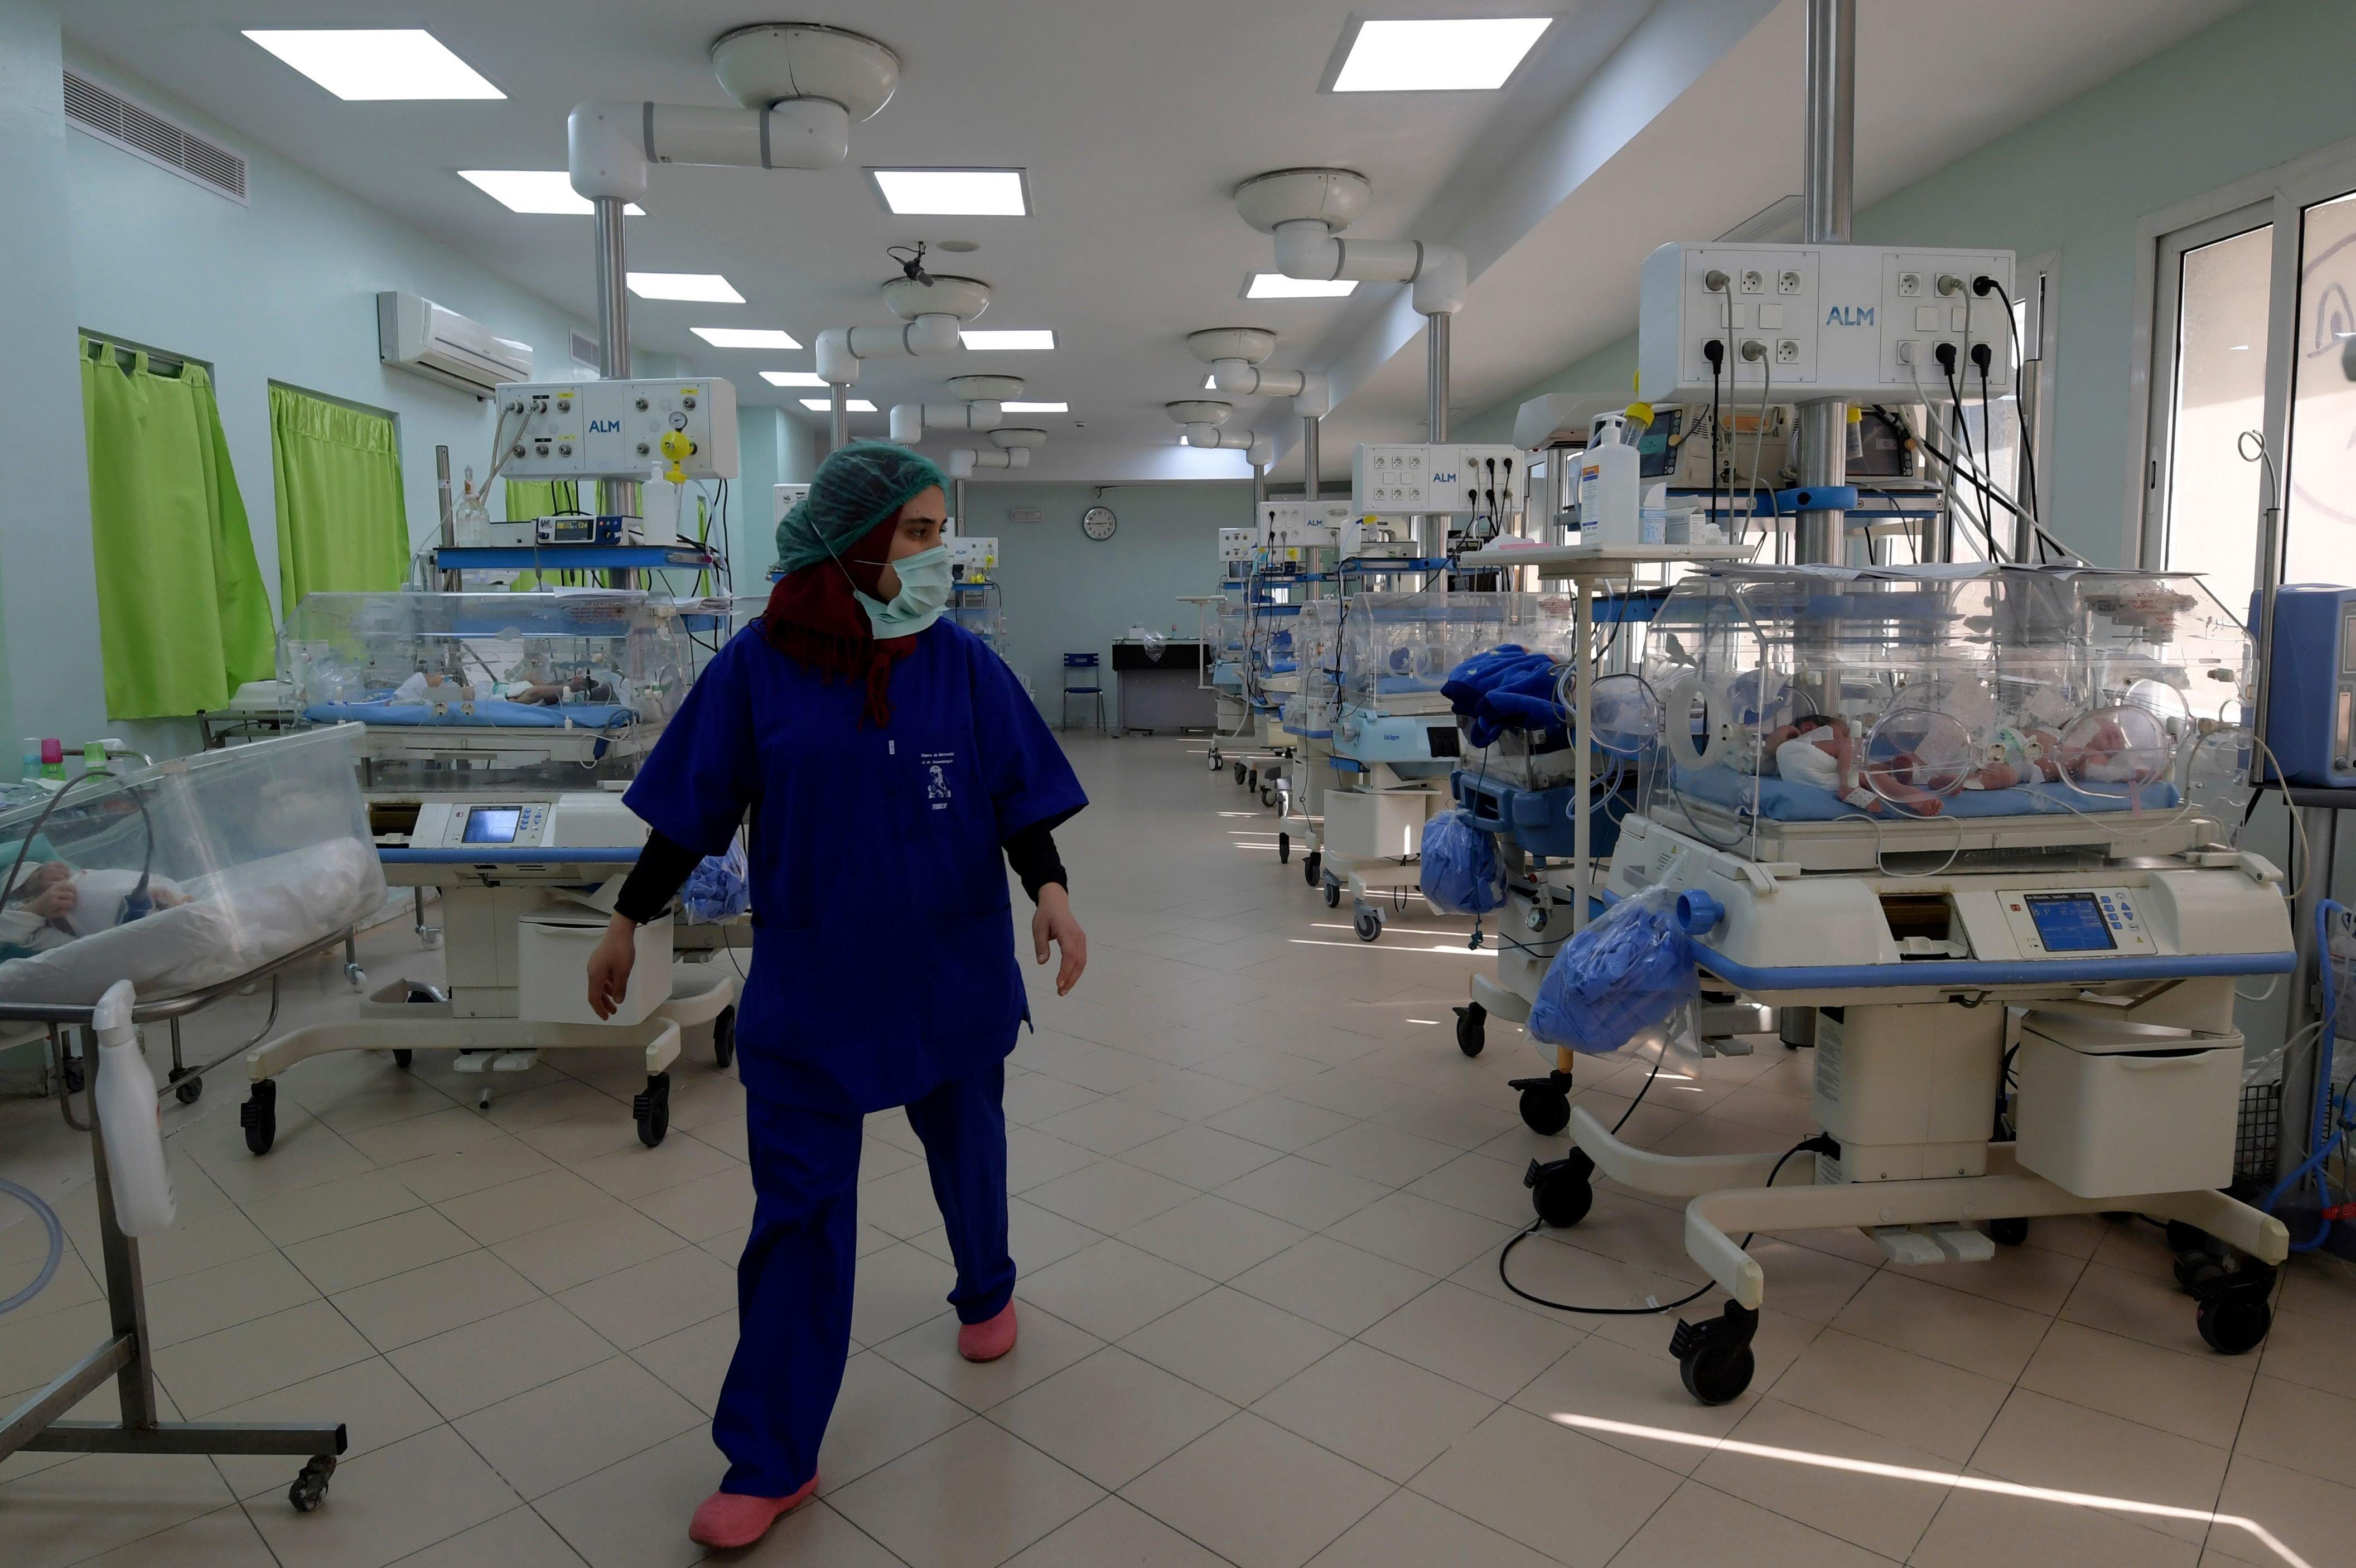 Tunisie: 11 nouveau-nés décèdent dans une maternité - LINFO.re - Monde, Afrique